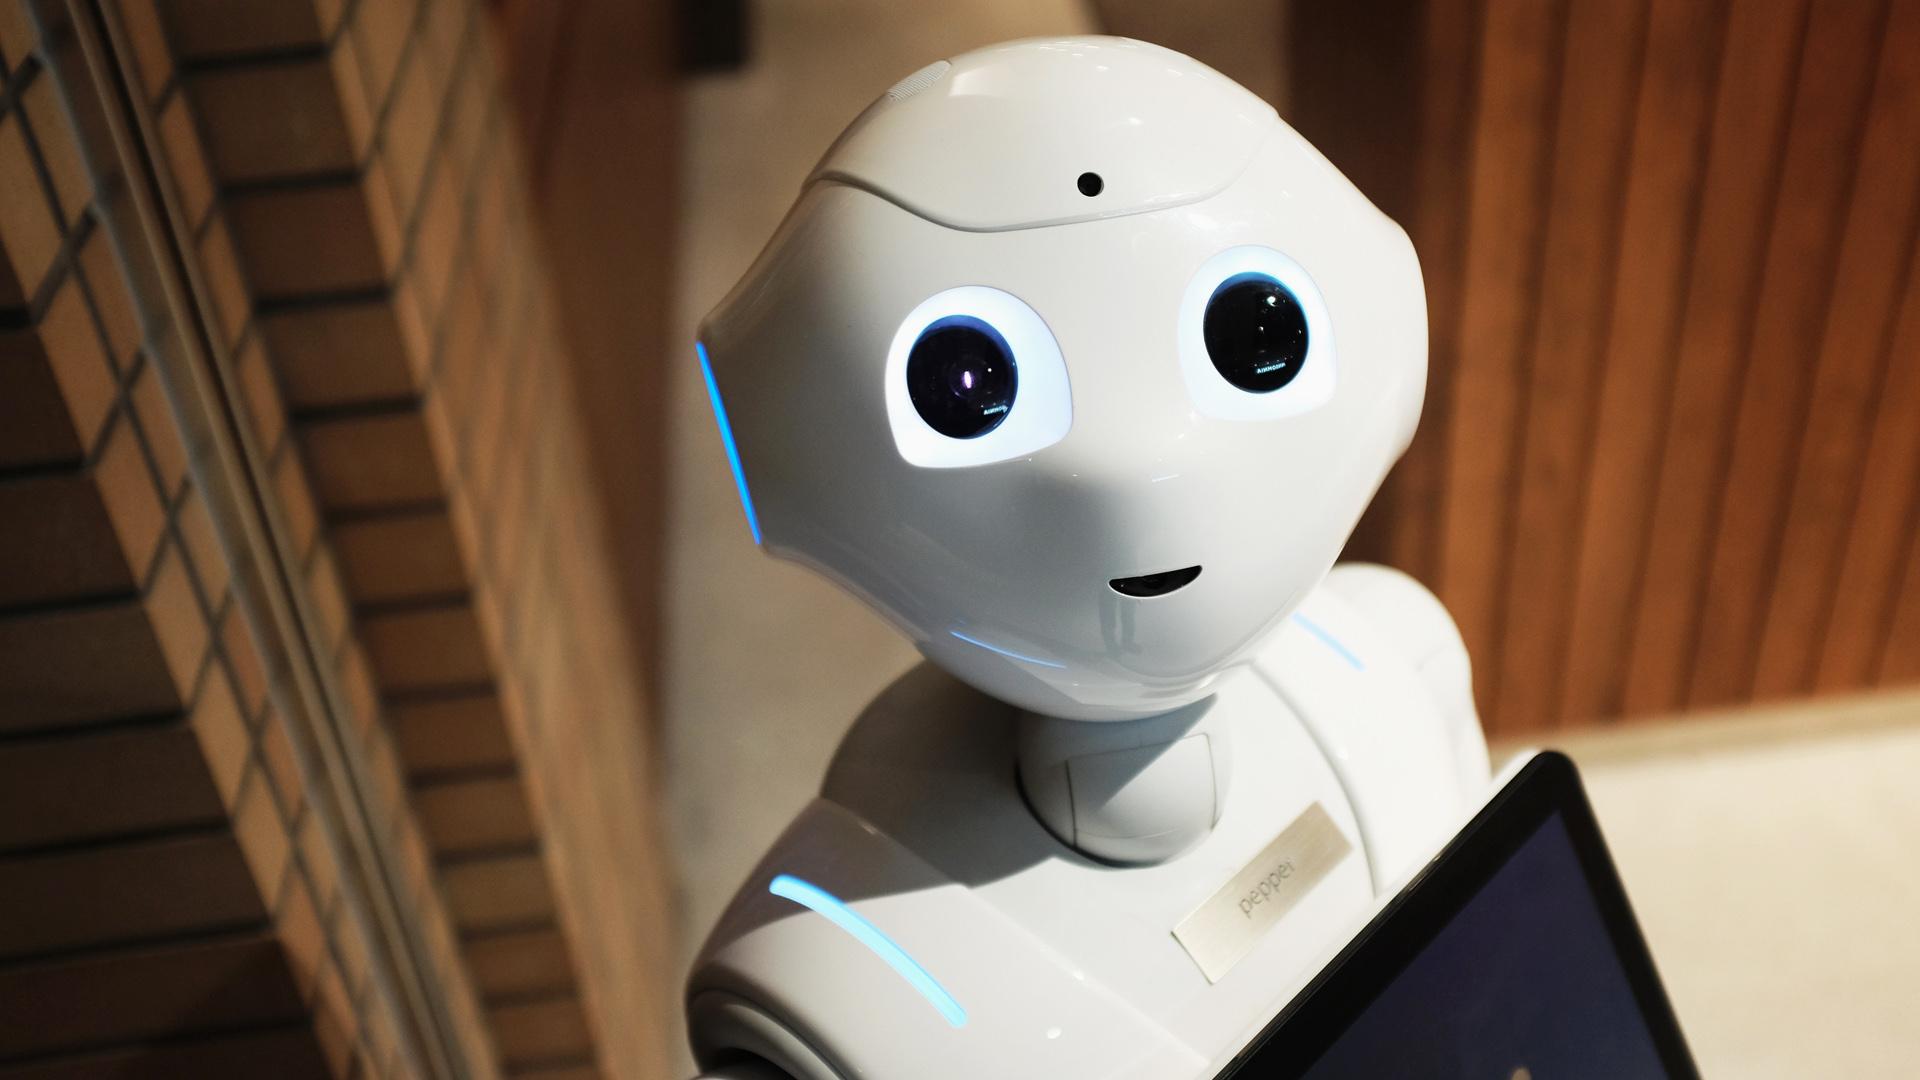 Intelligenza artificiale pro e contro: scopriamo luci e ombre delle AI